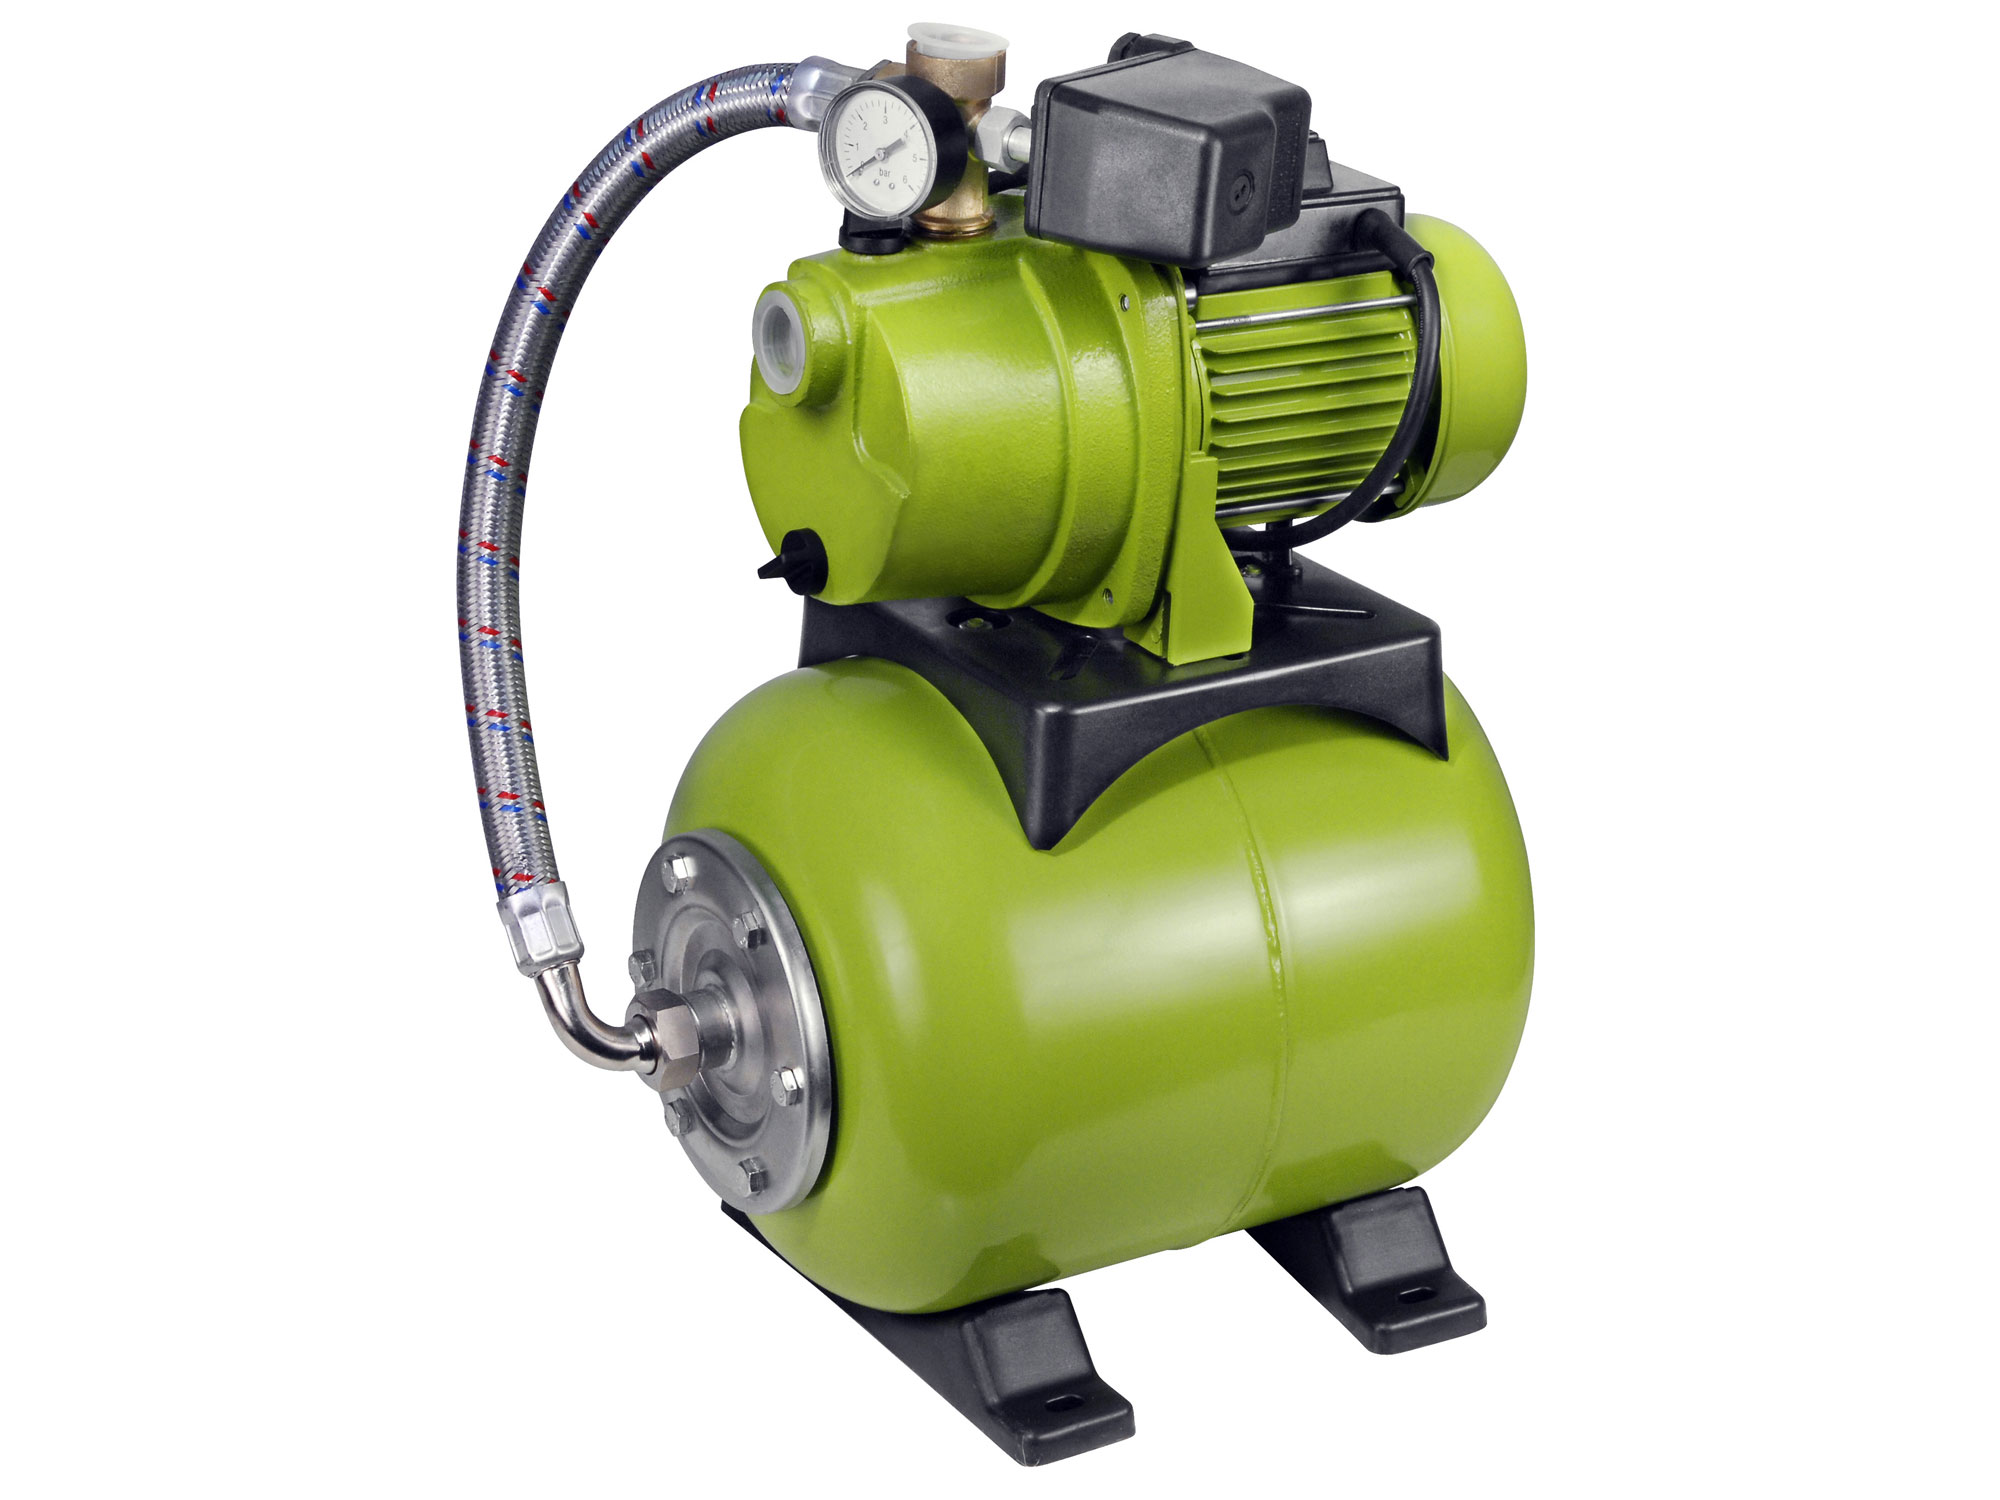 Čerpadlo elektrické proudové s tlak. nádobou, 1200W, 3800l/hod, 20l, EXTOL CRAFT 414251